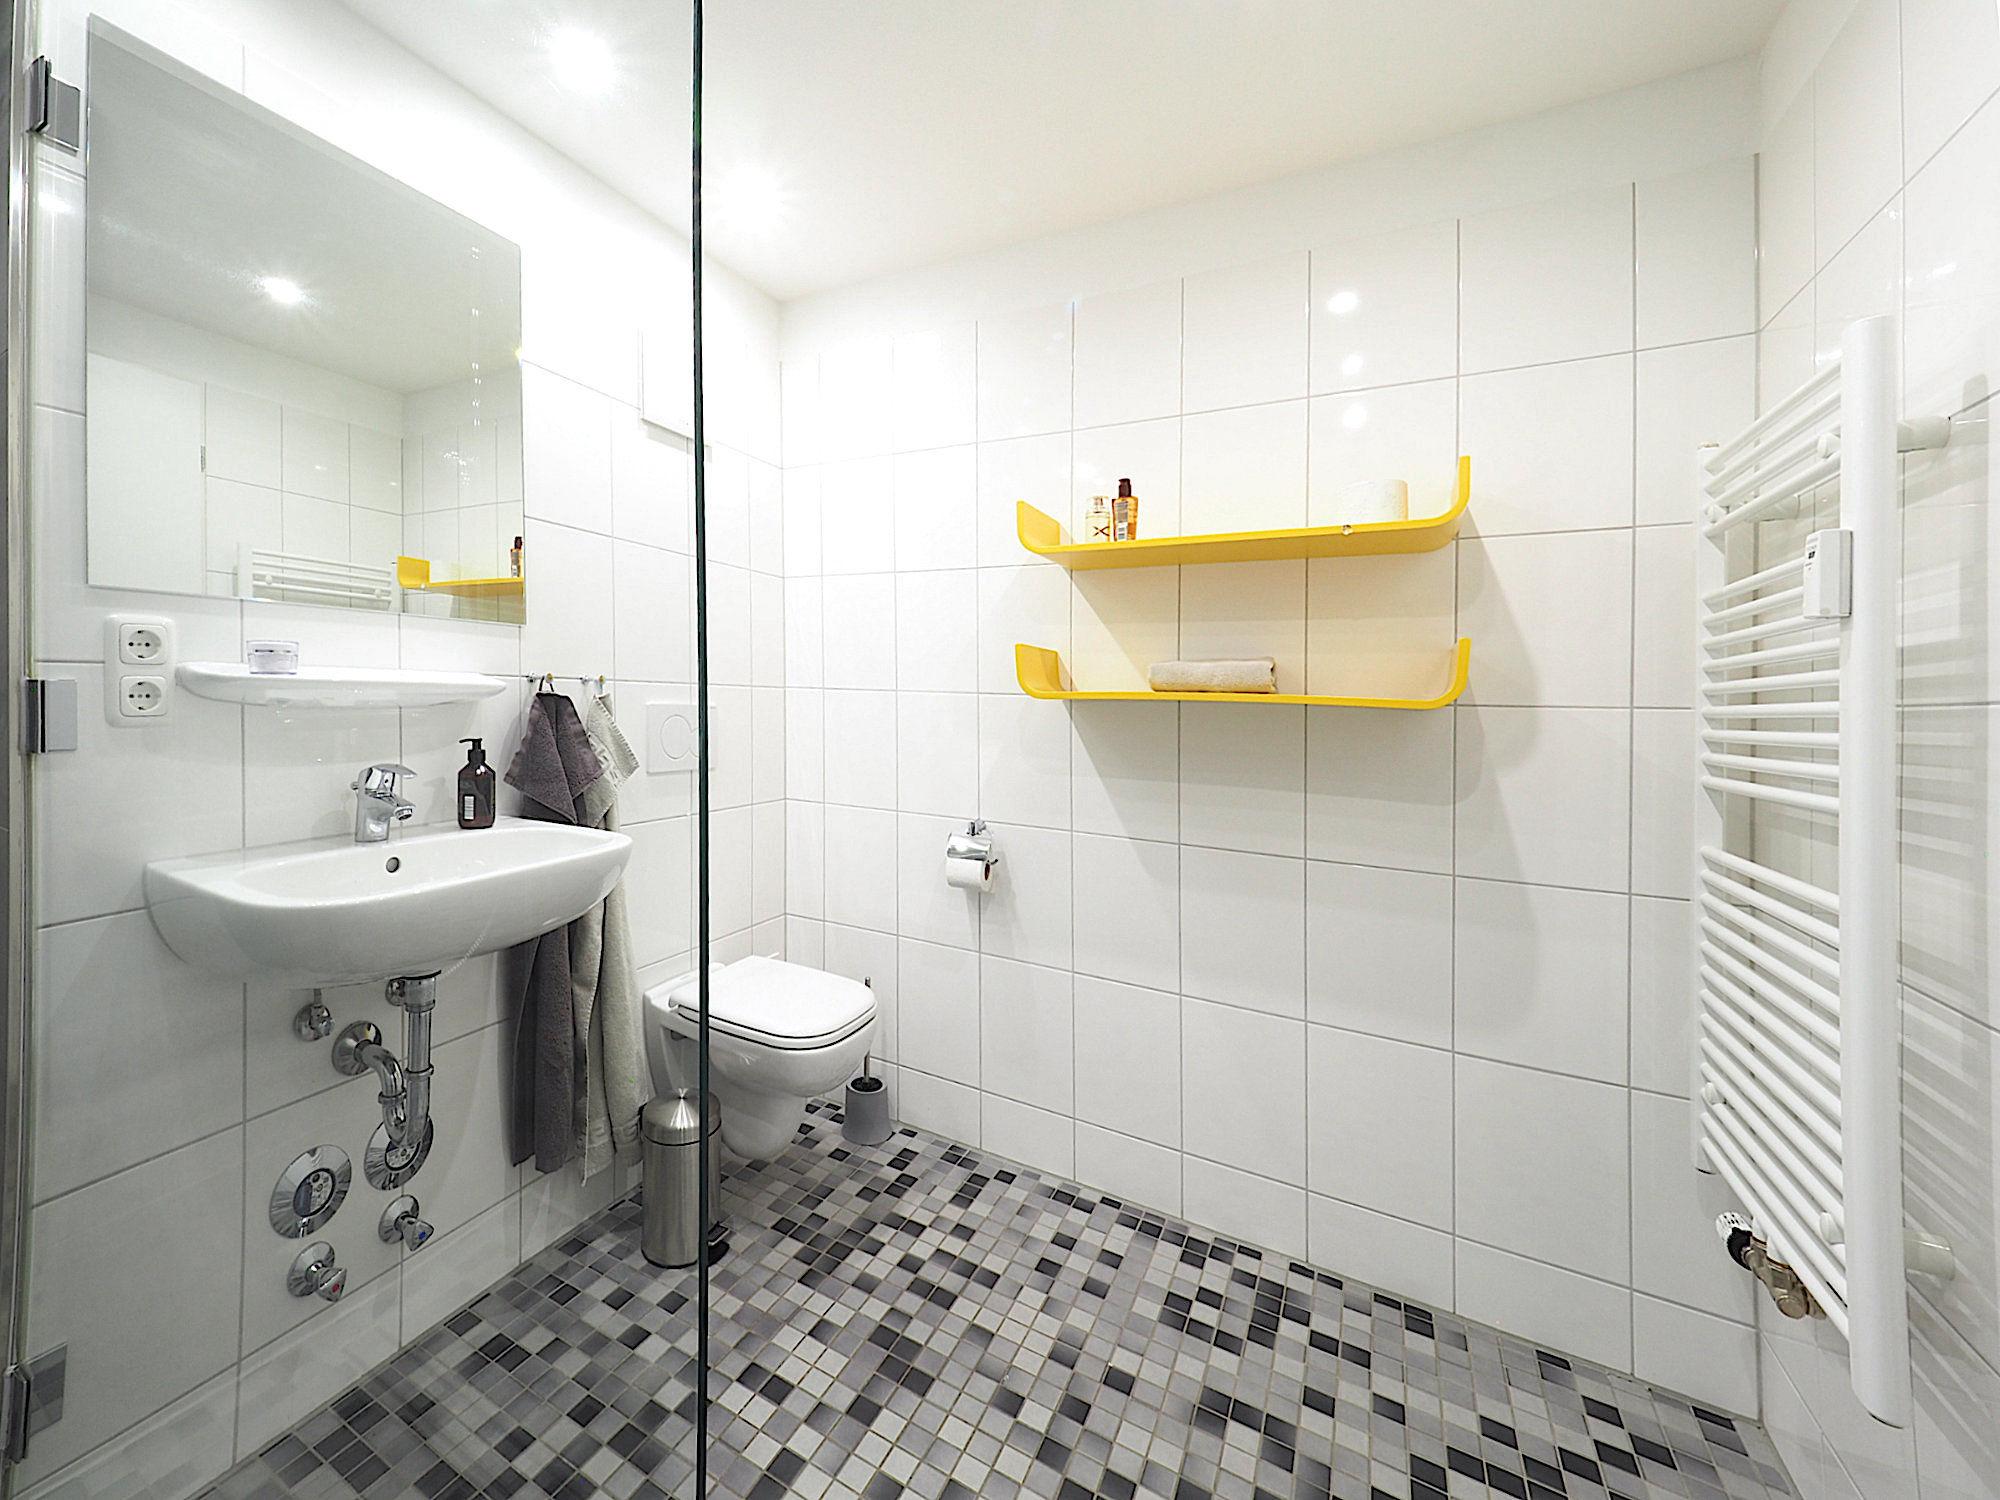 Duschbad mit bodentiefer Dusche, Waschbecken, WC, zwei Regalen und Handtuchheizung